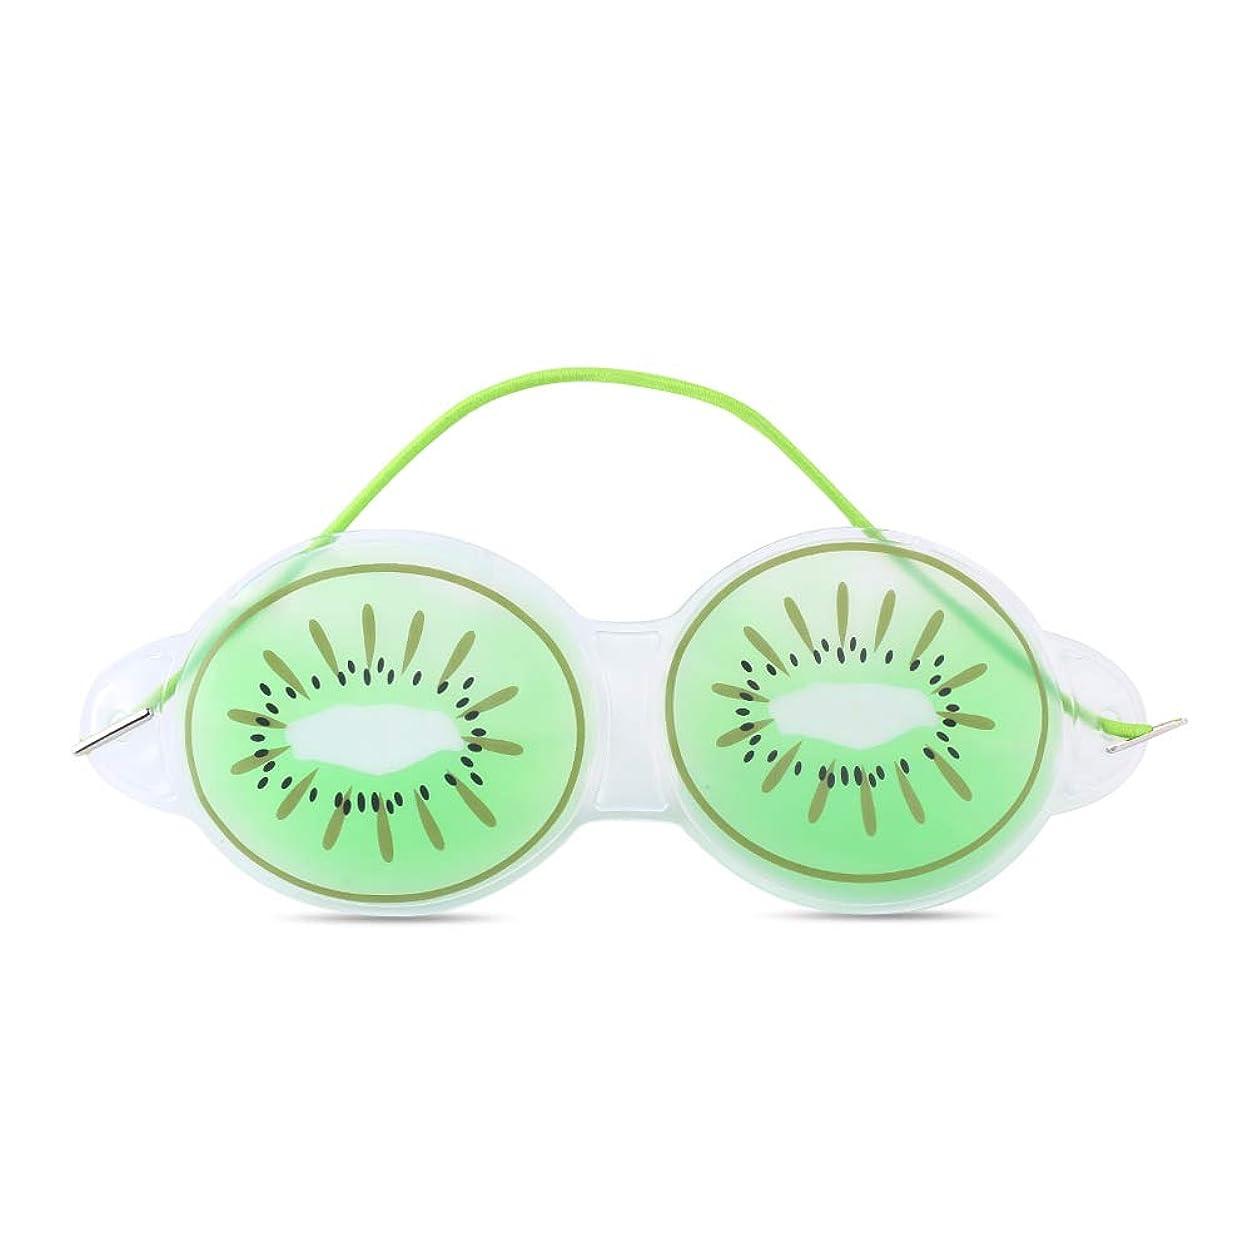 チップたまにアルカイックNOTE 1ピースアイスジェルアイマスク睡眠よく圧縮かわいいフルーツジェルアイ疲労緩和冷却アイケアリラクゼーションアイシールドmakuepツール